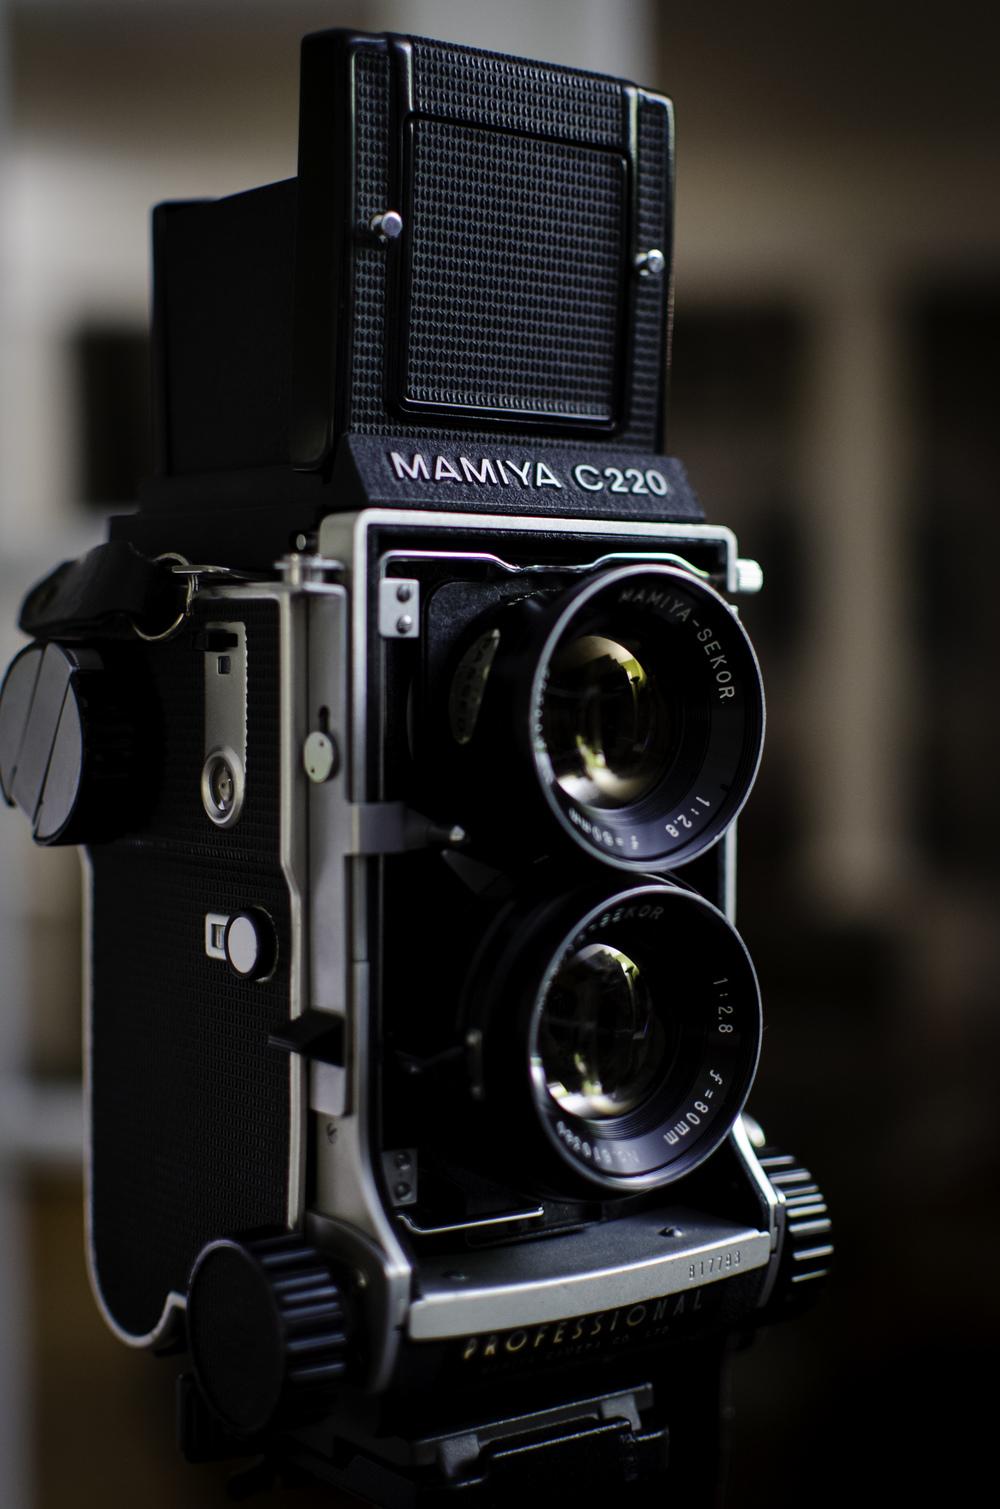 Mamiya C220 TLR Medium Format Camera.